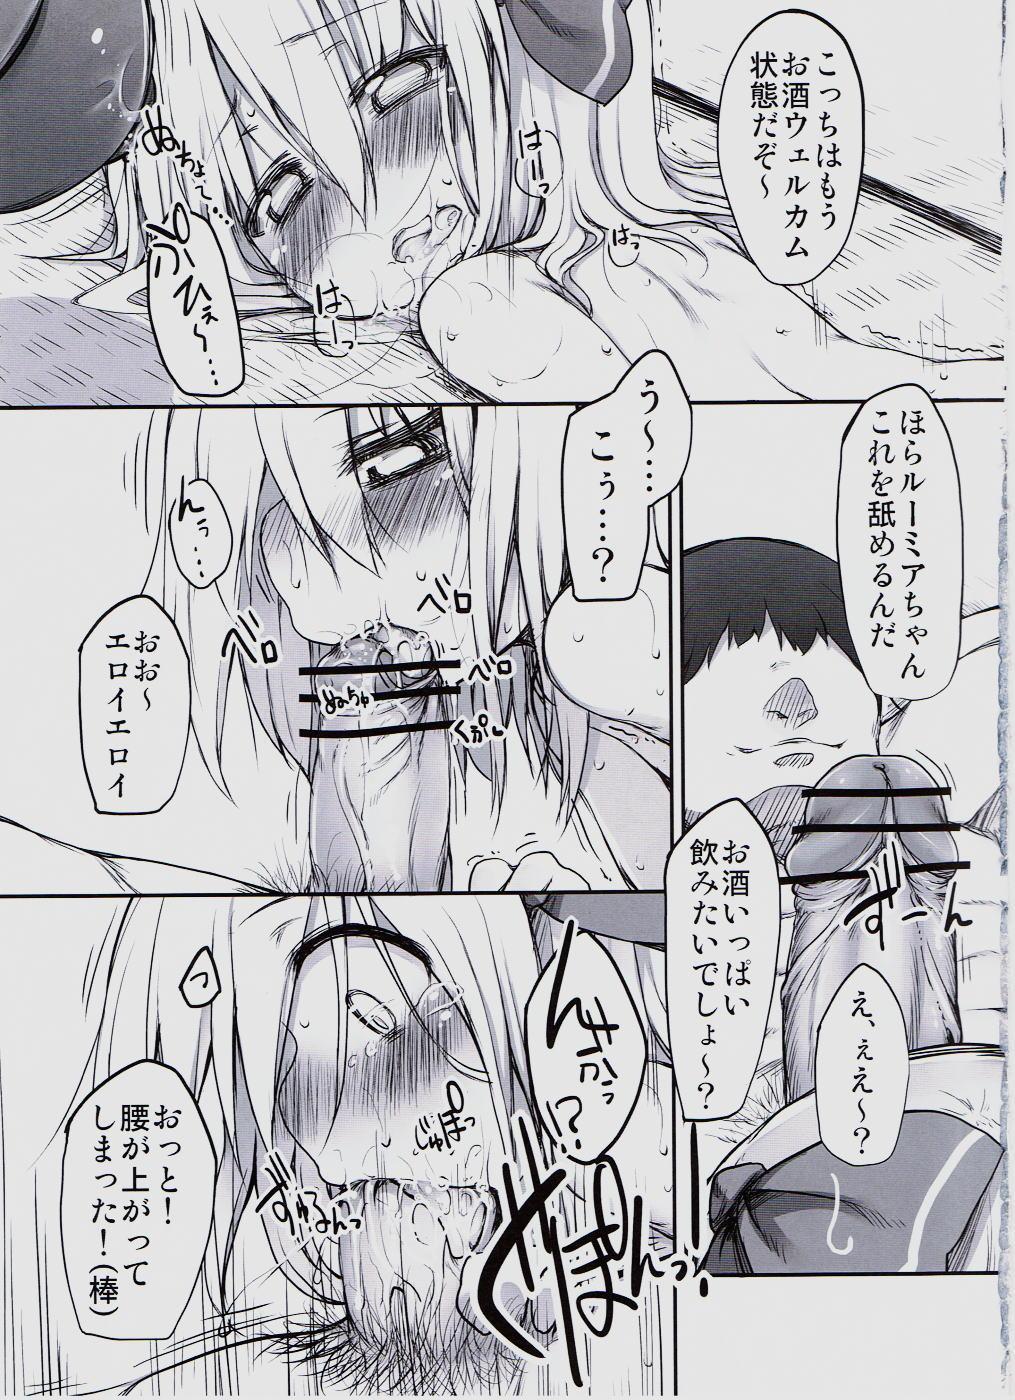 Gensoukyou no Utage 13